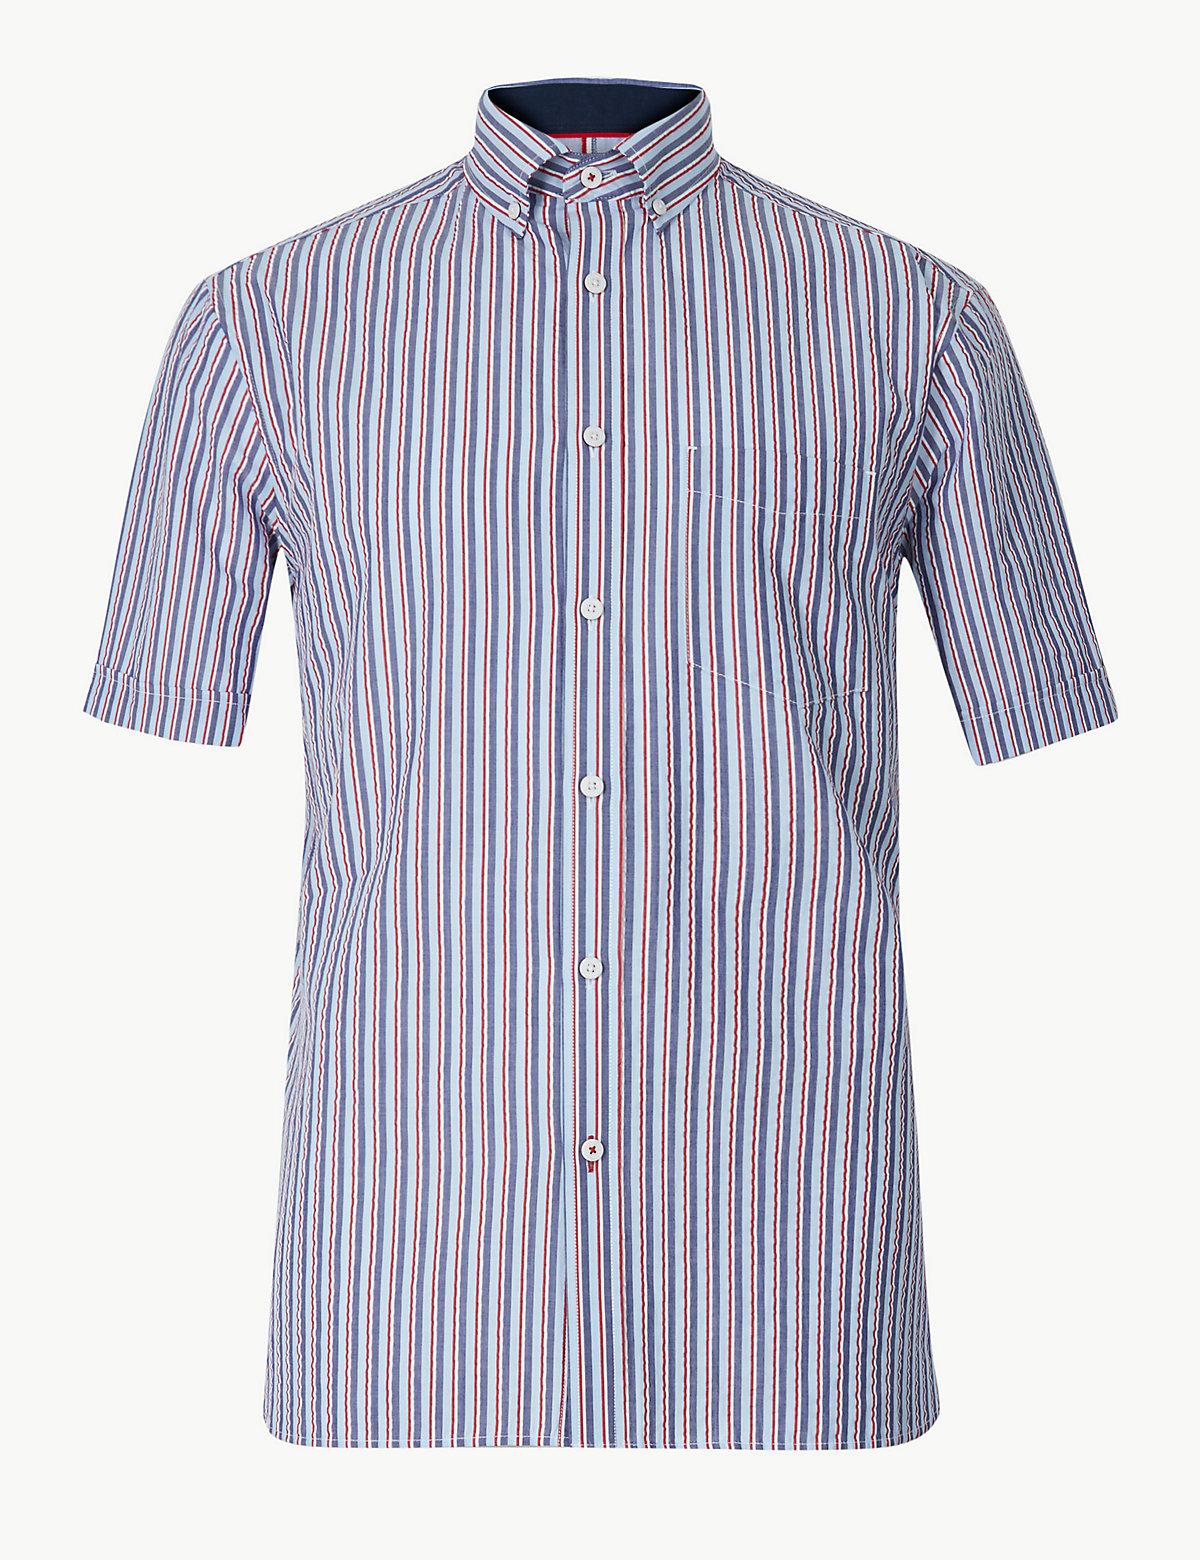 Рубашка с коротким рукавом из 100%-го чистого хлопка в полоску